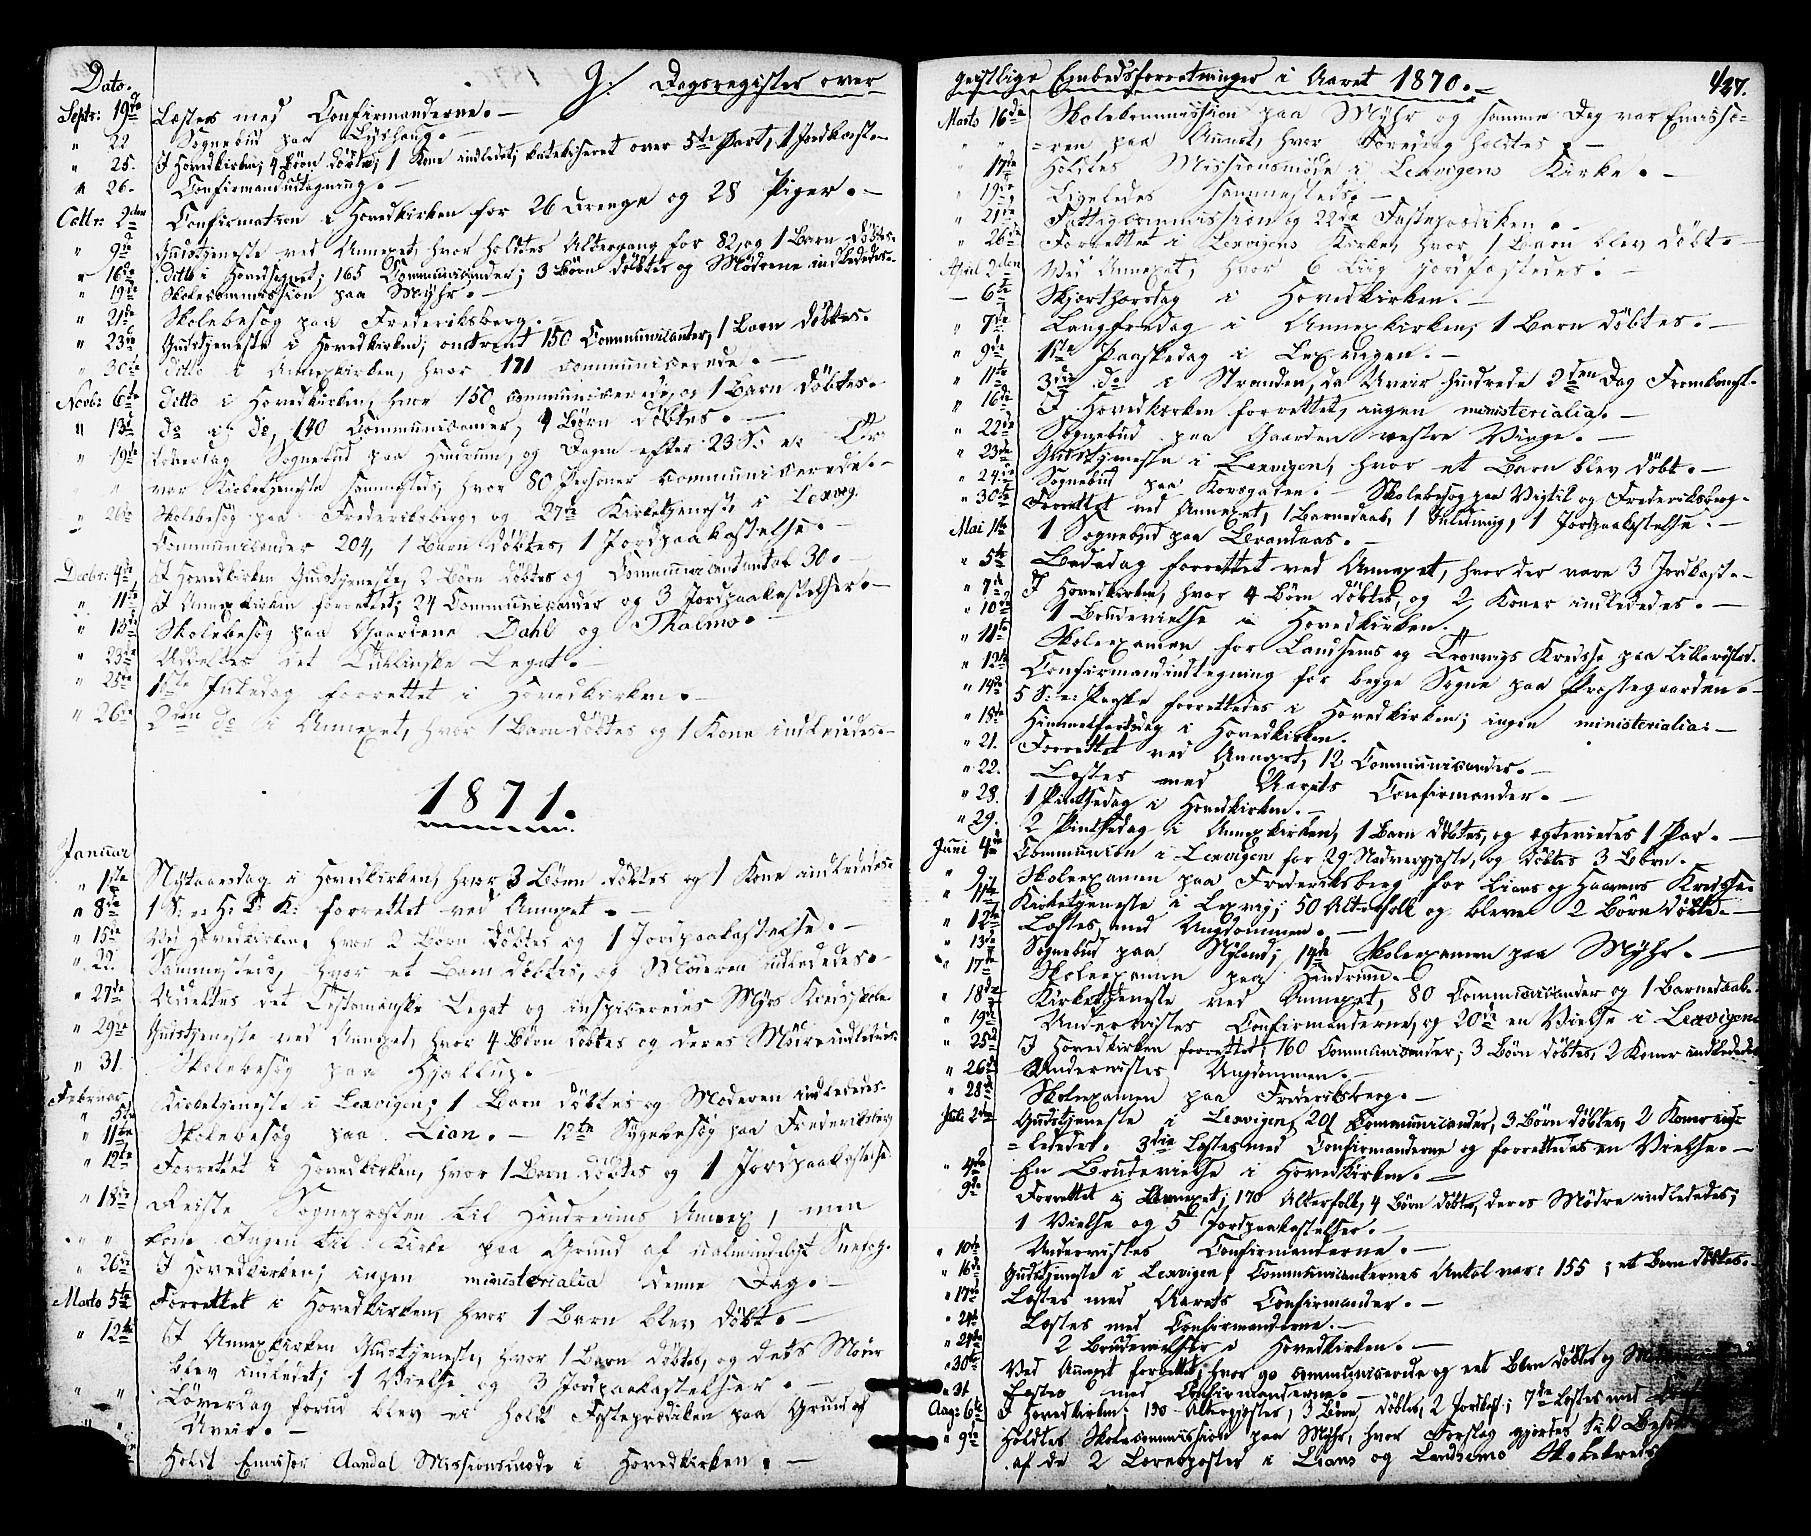 SAT, Ministerialprotokoller, klokkerbøker og fødselsregistre - Nord-Trøndelag, 701/L0009: Ministerialbok nr. 701A09 /1, 1864-1882, s. 427